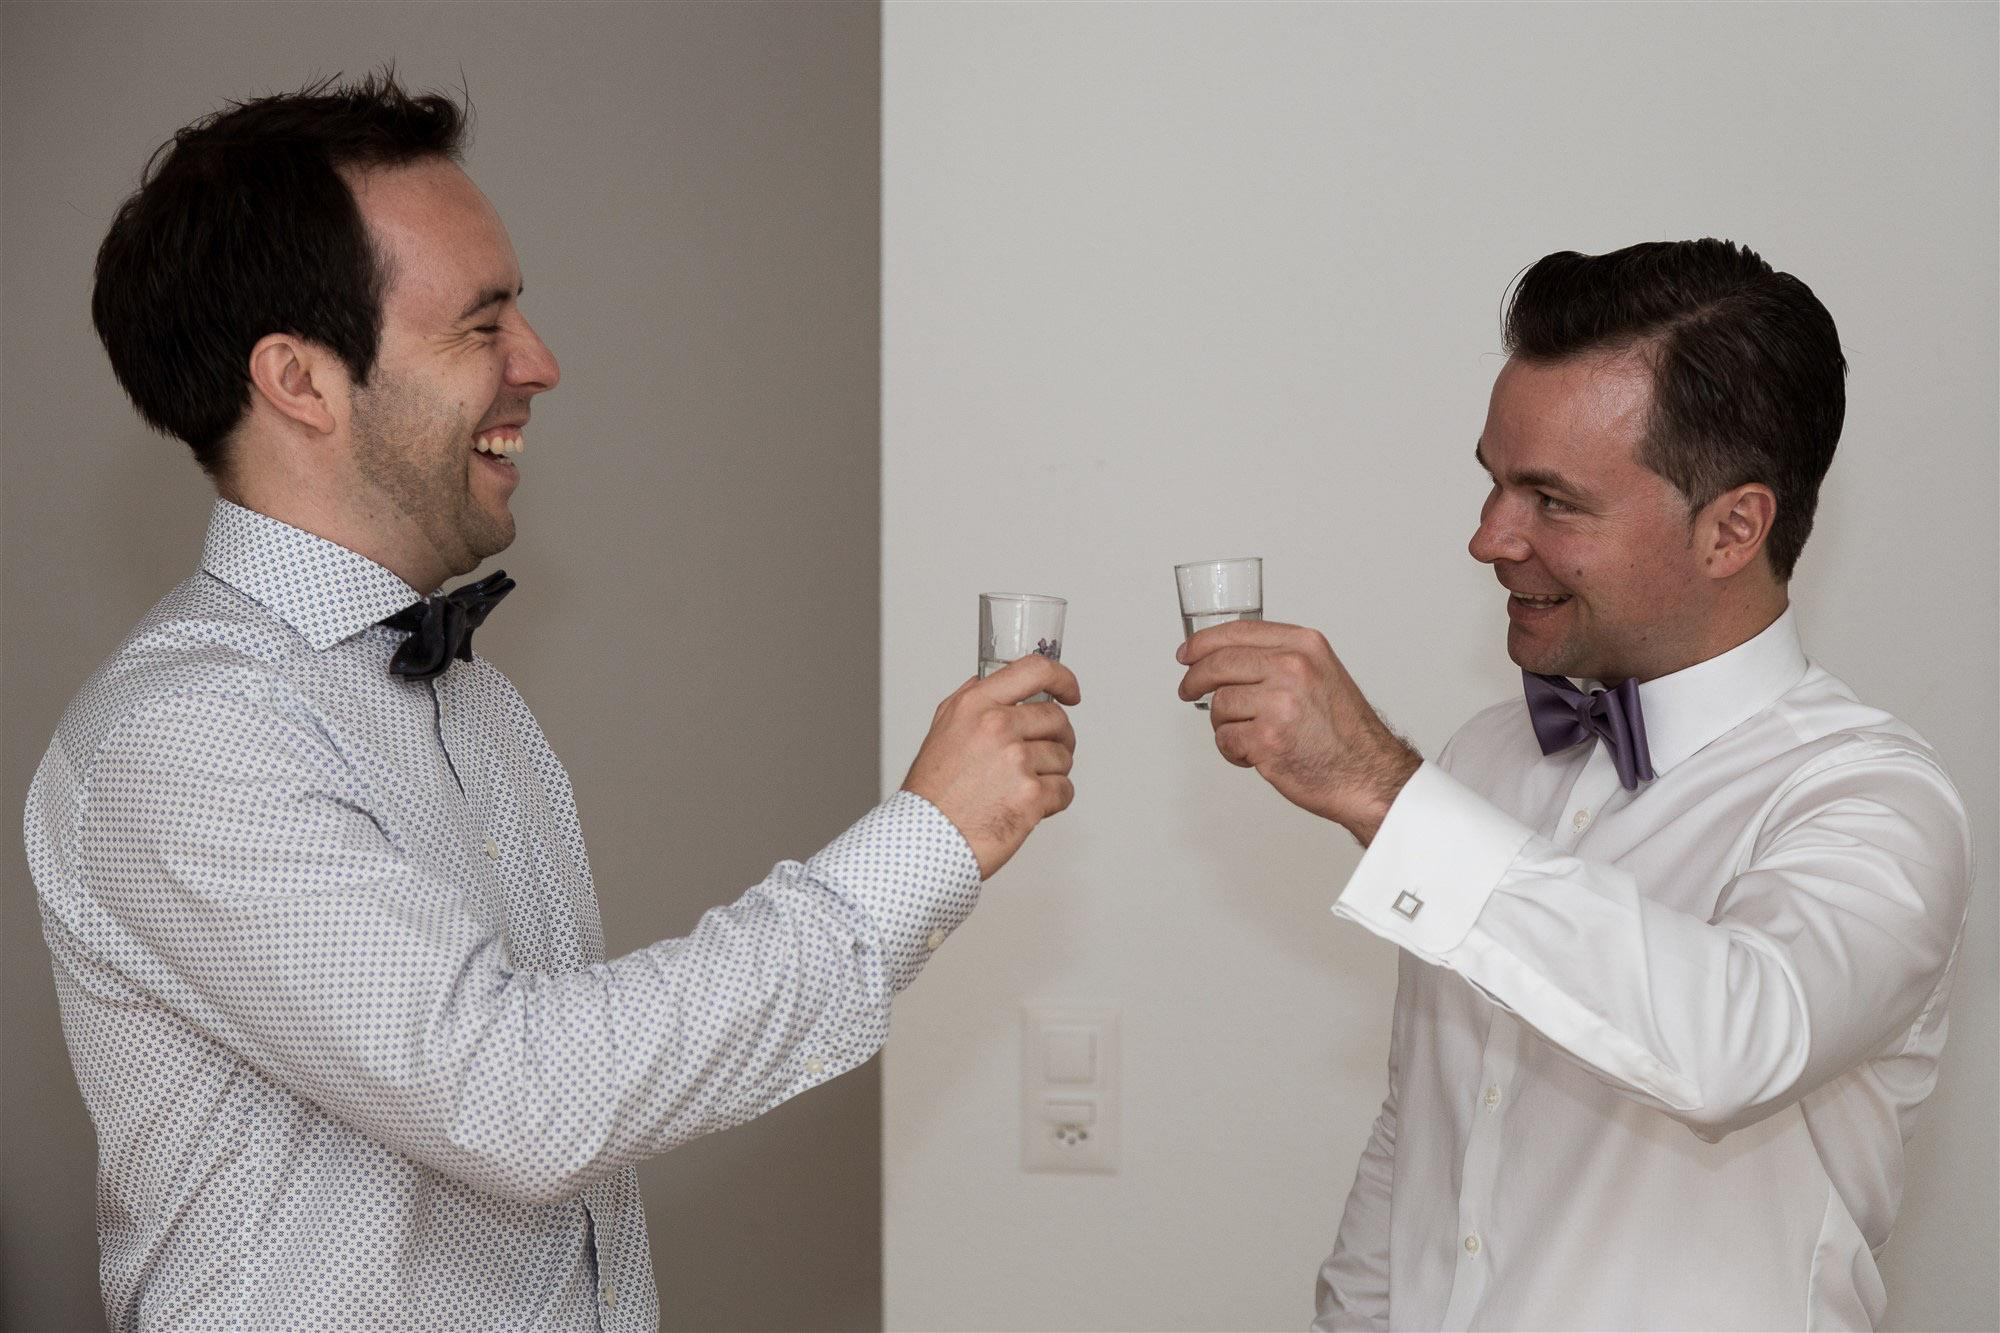 Hochzeit Teufelhof Basel - Vorbereitung des Bräutigams - Hochzeitsfotograf Nicole Kym